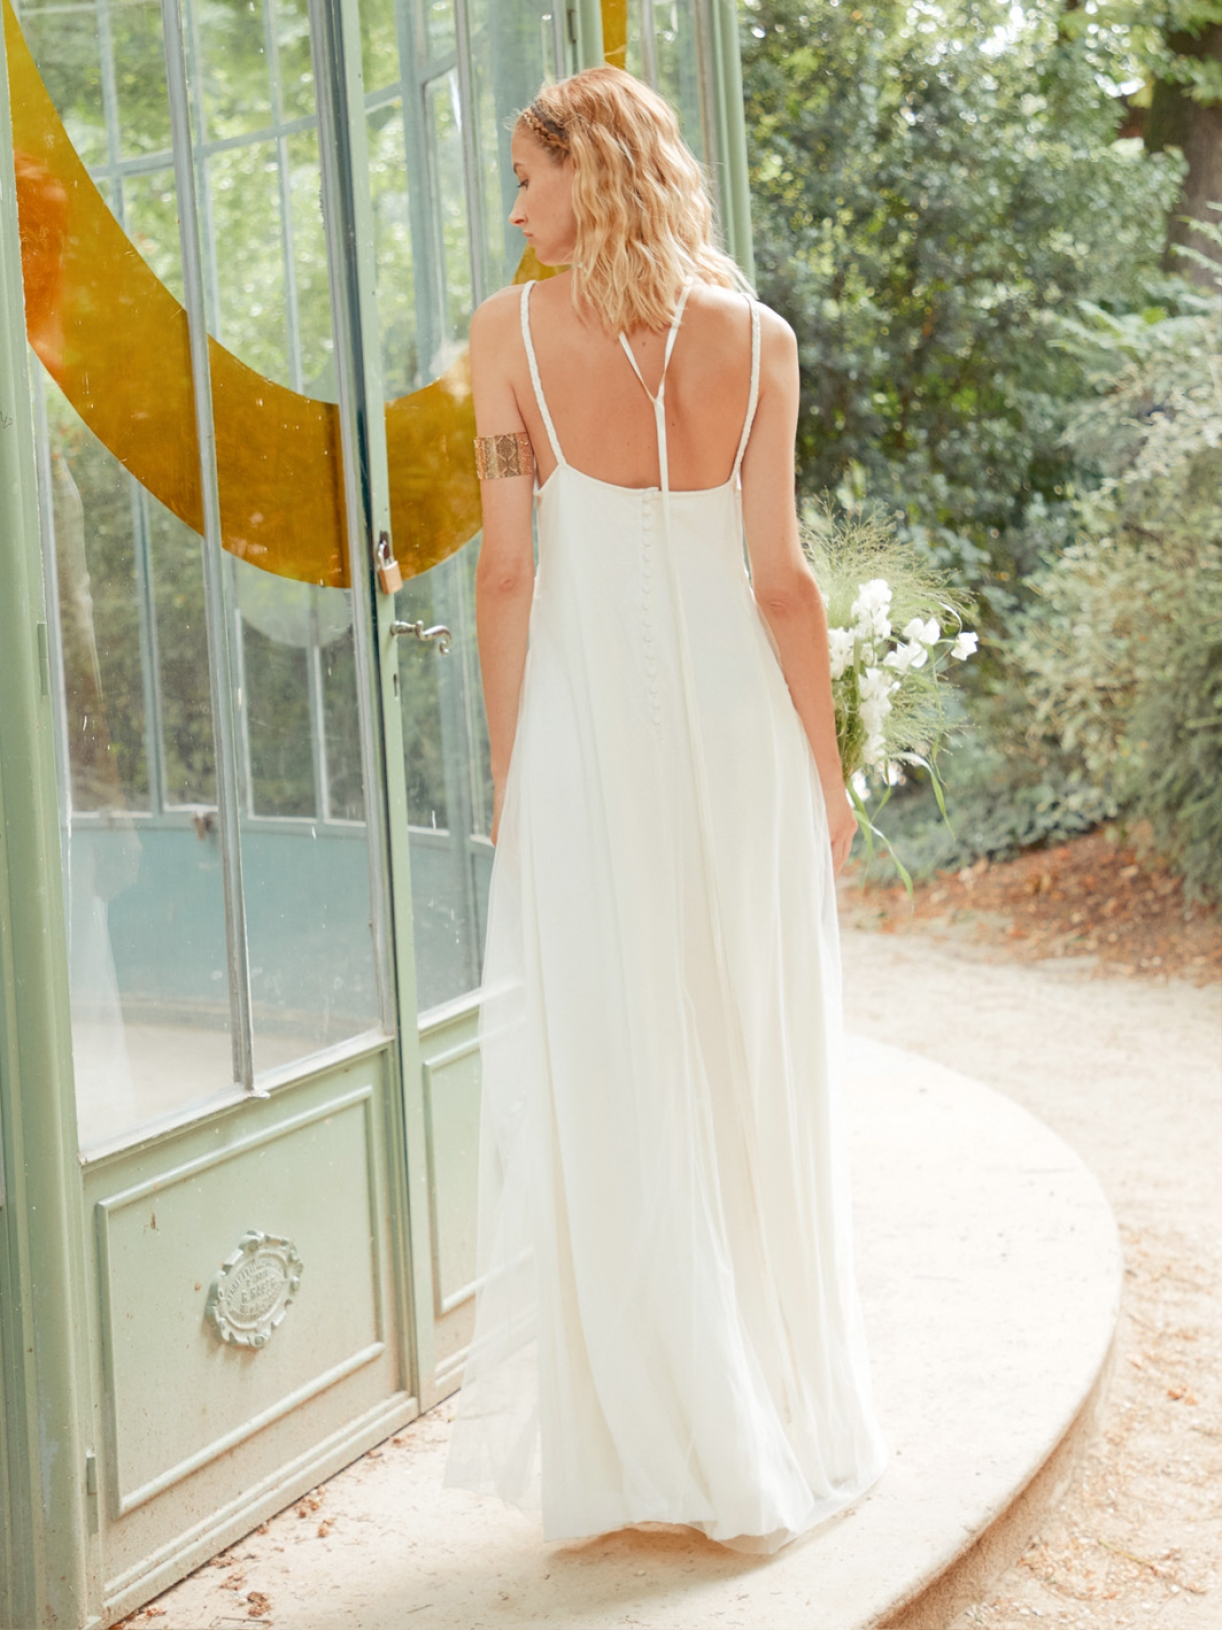 KATY - Robe de mariée bohème a bretelles fines - Robe de mariée créateur et sur-mesure pas cher a Paris - Myphilosophy